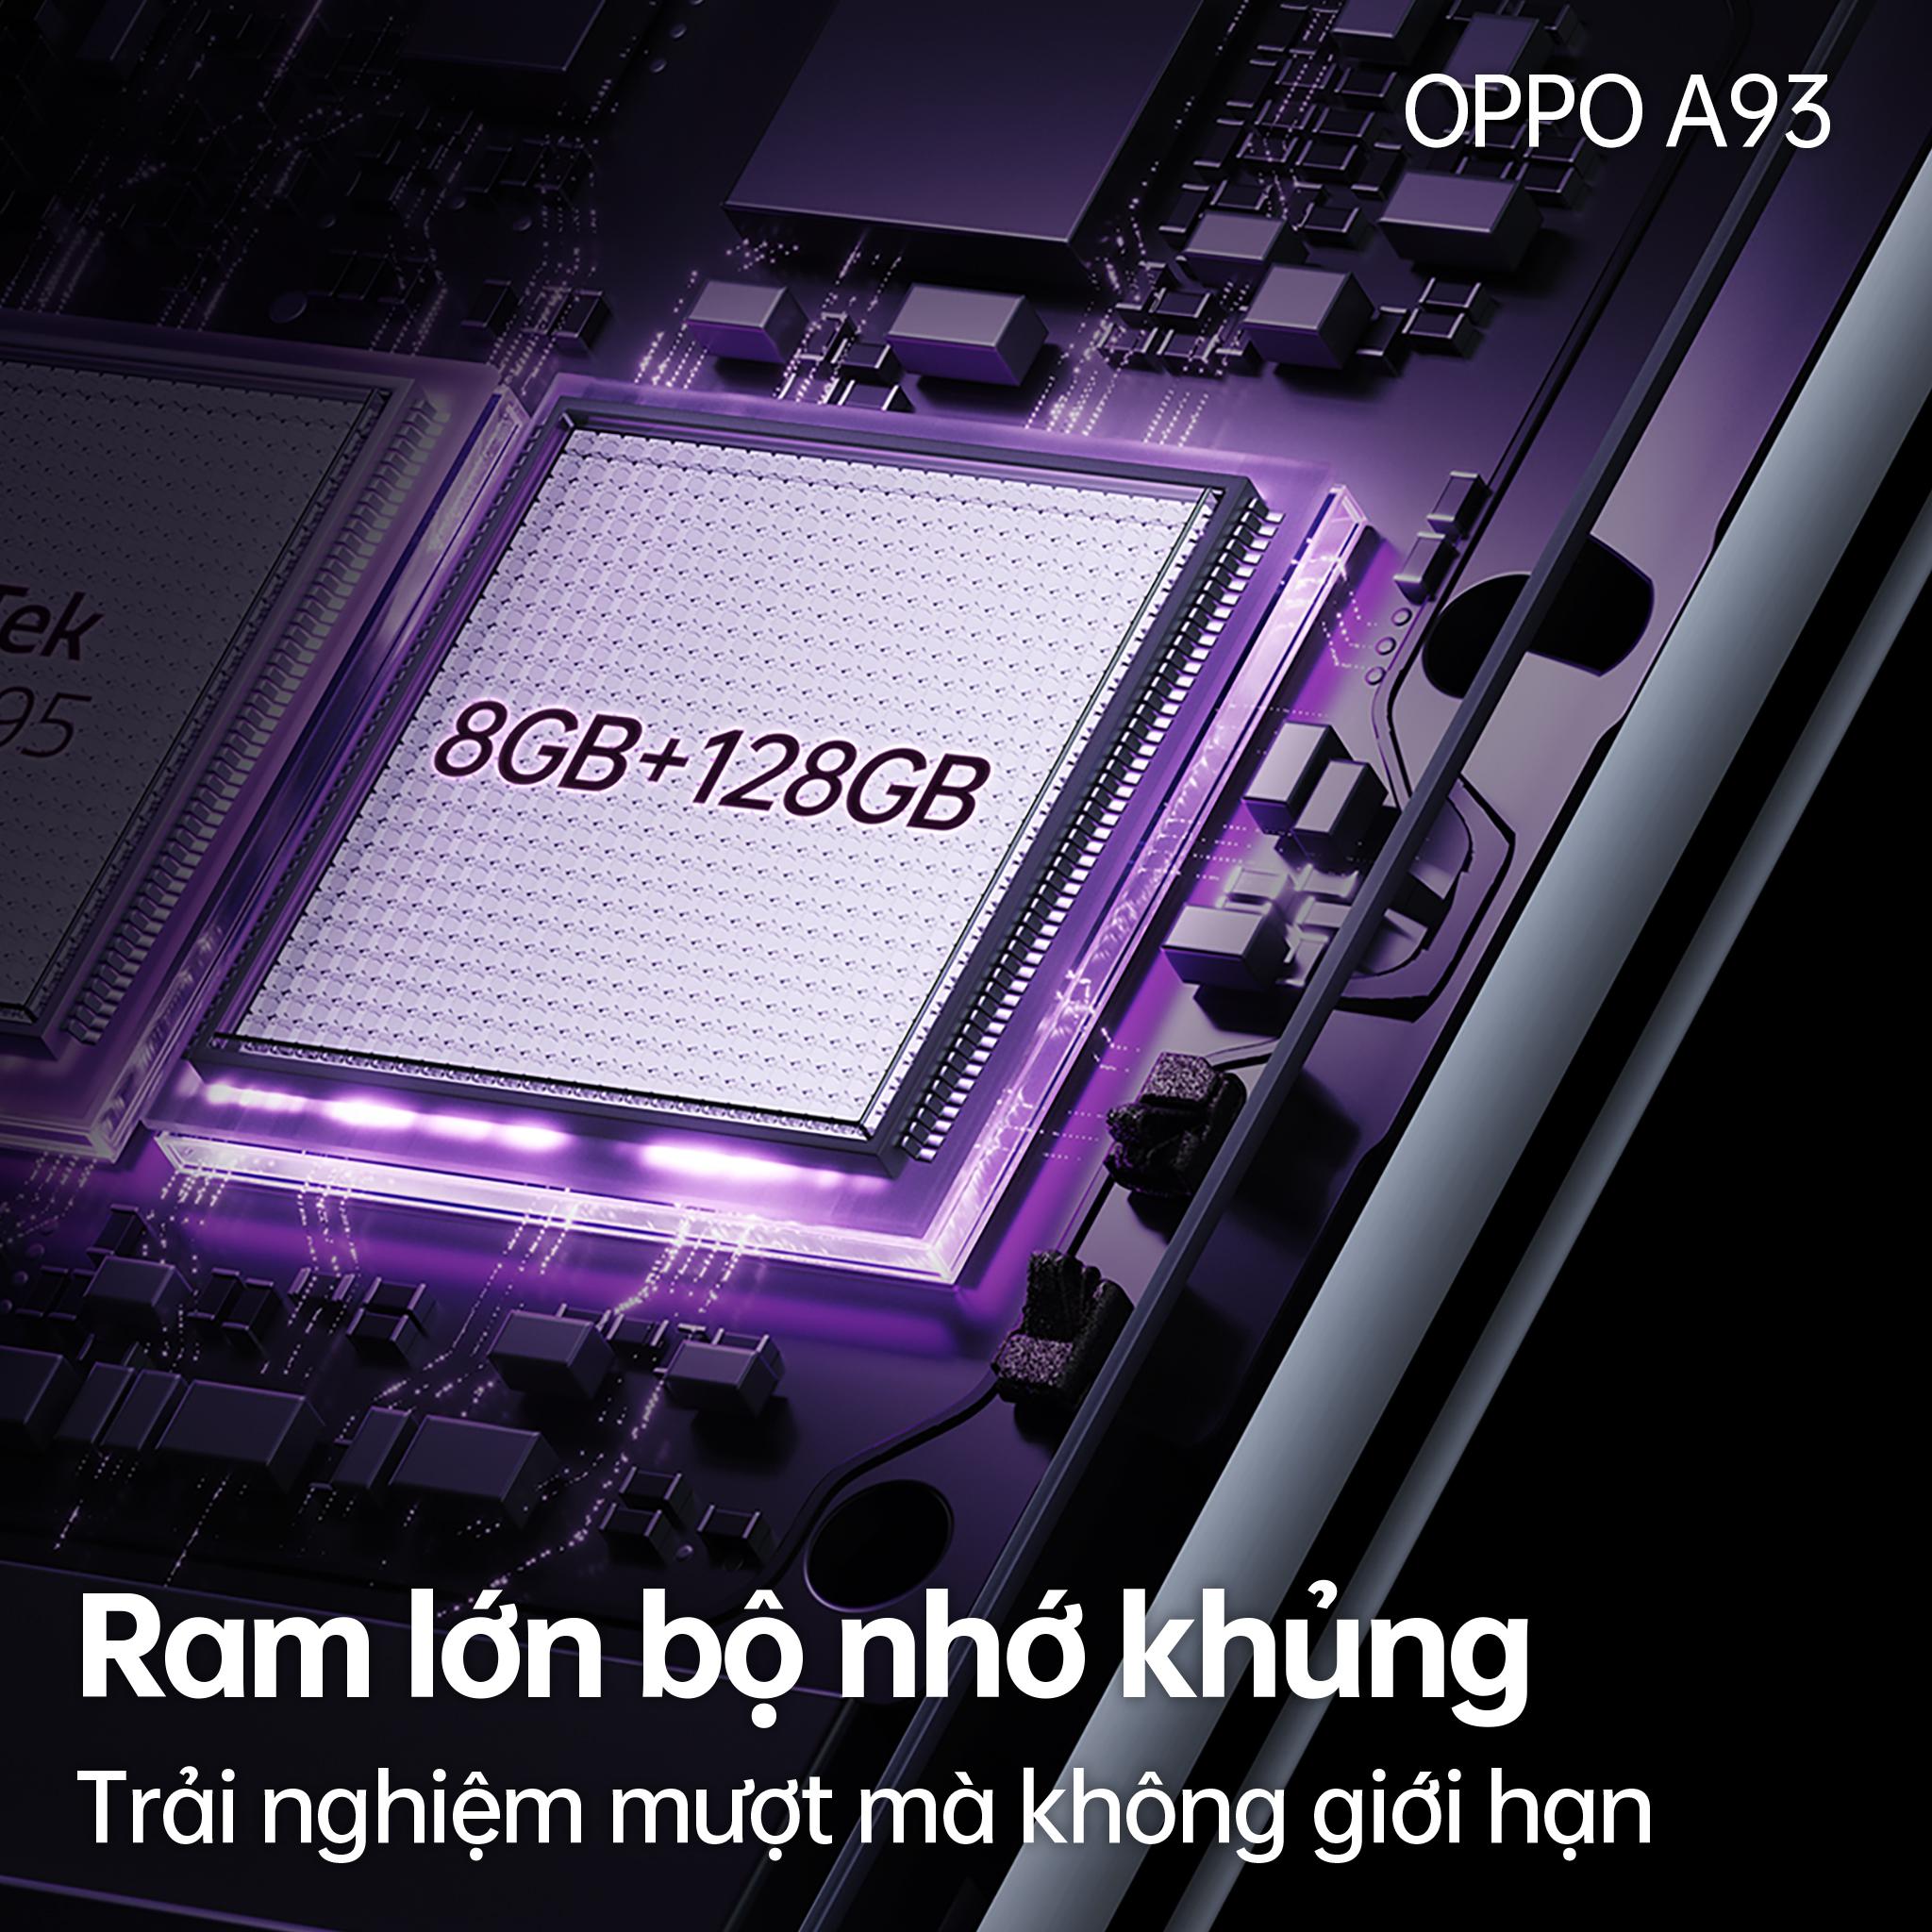 Khám phá 15 tính năng nổi bật của OPPO A93 cho xu hướng AI Camera chất lượng - Ảnh 10.